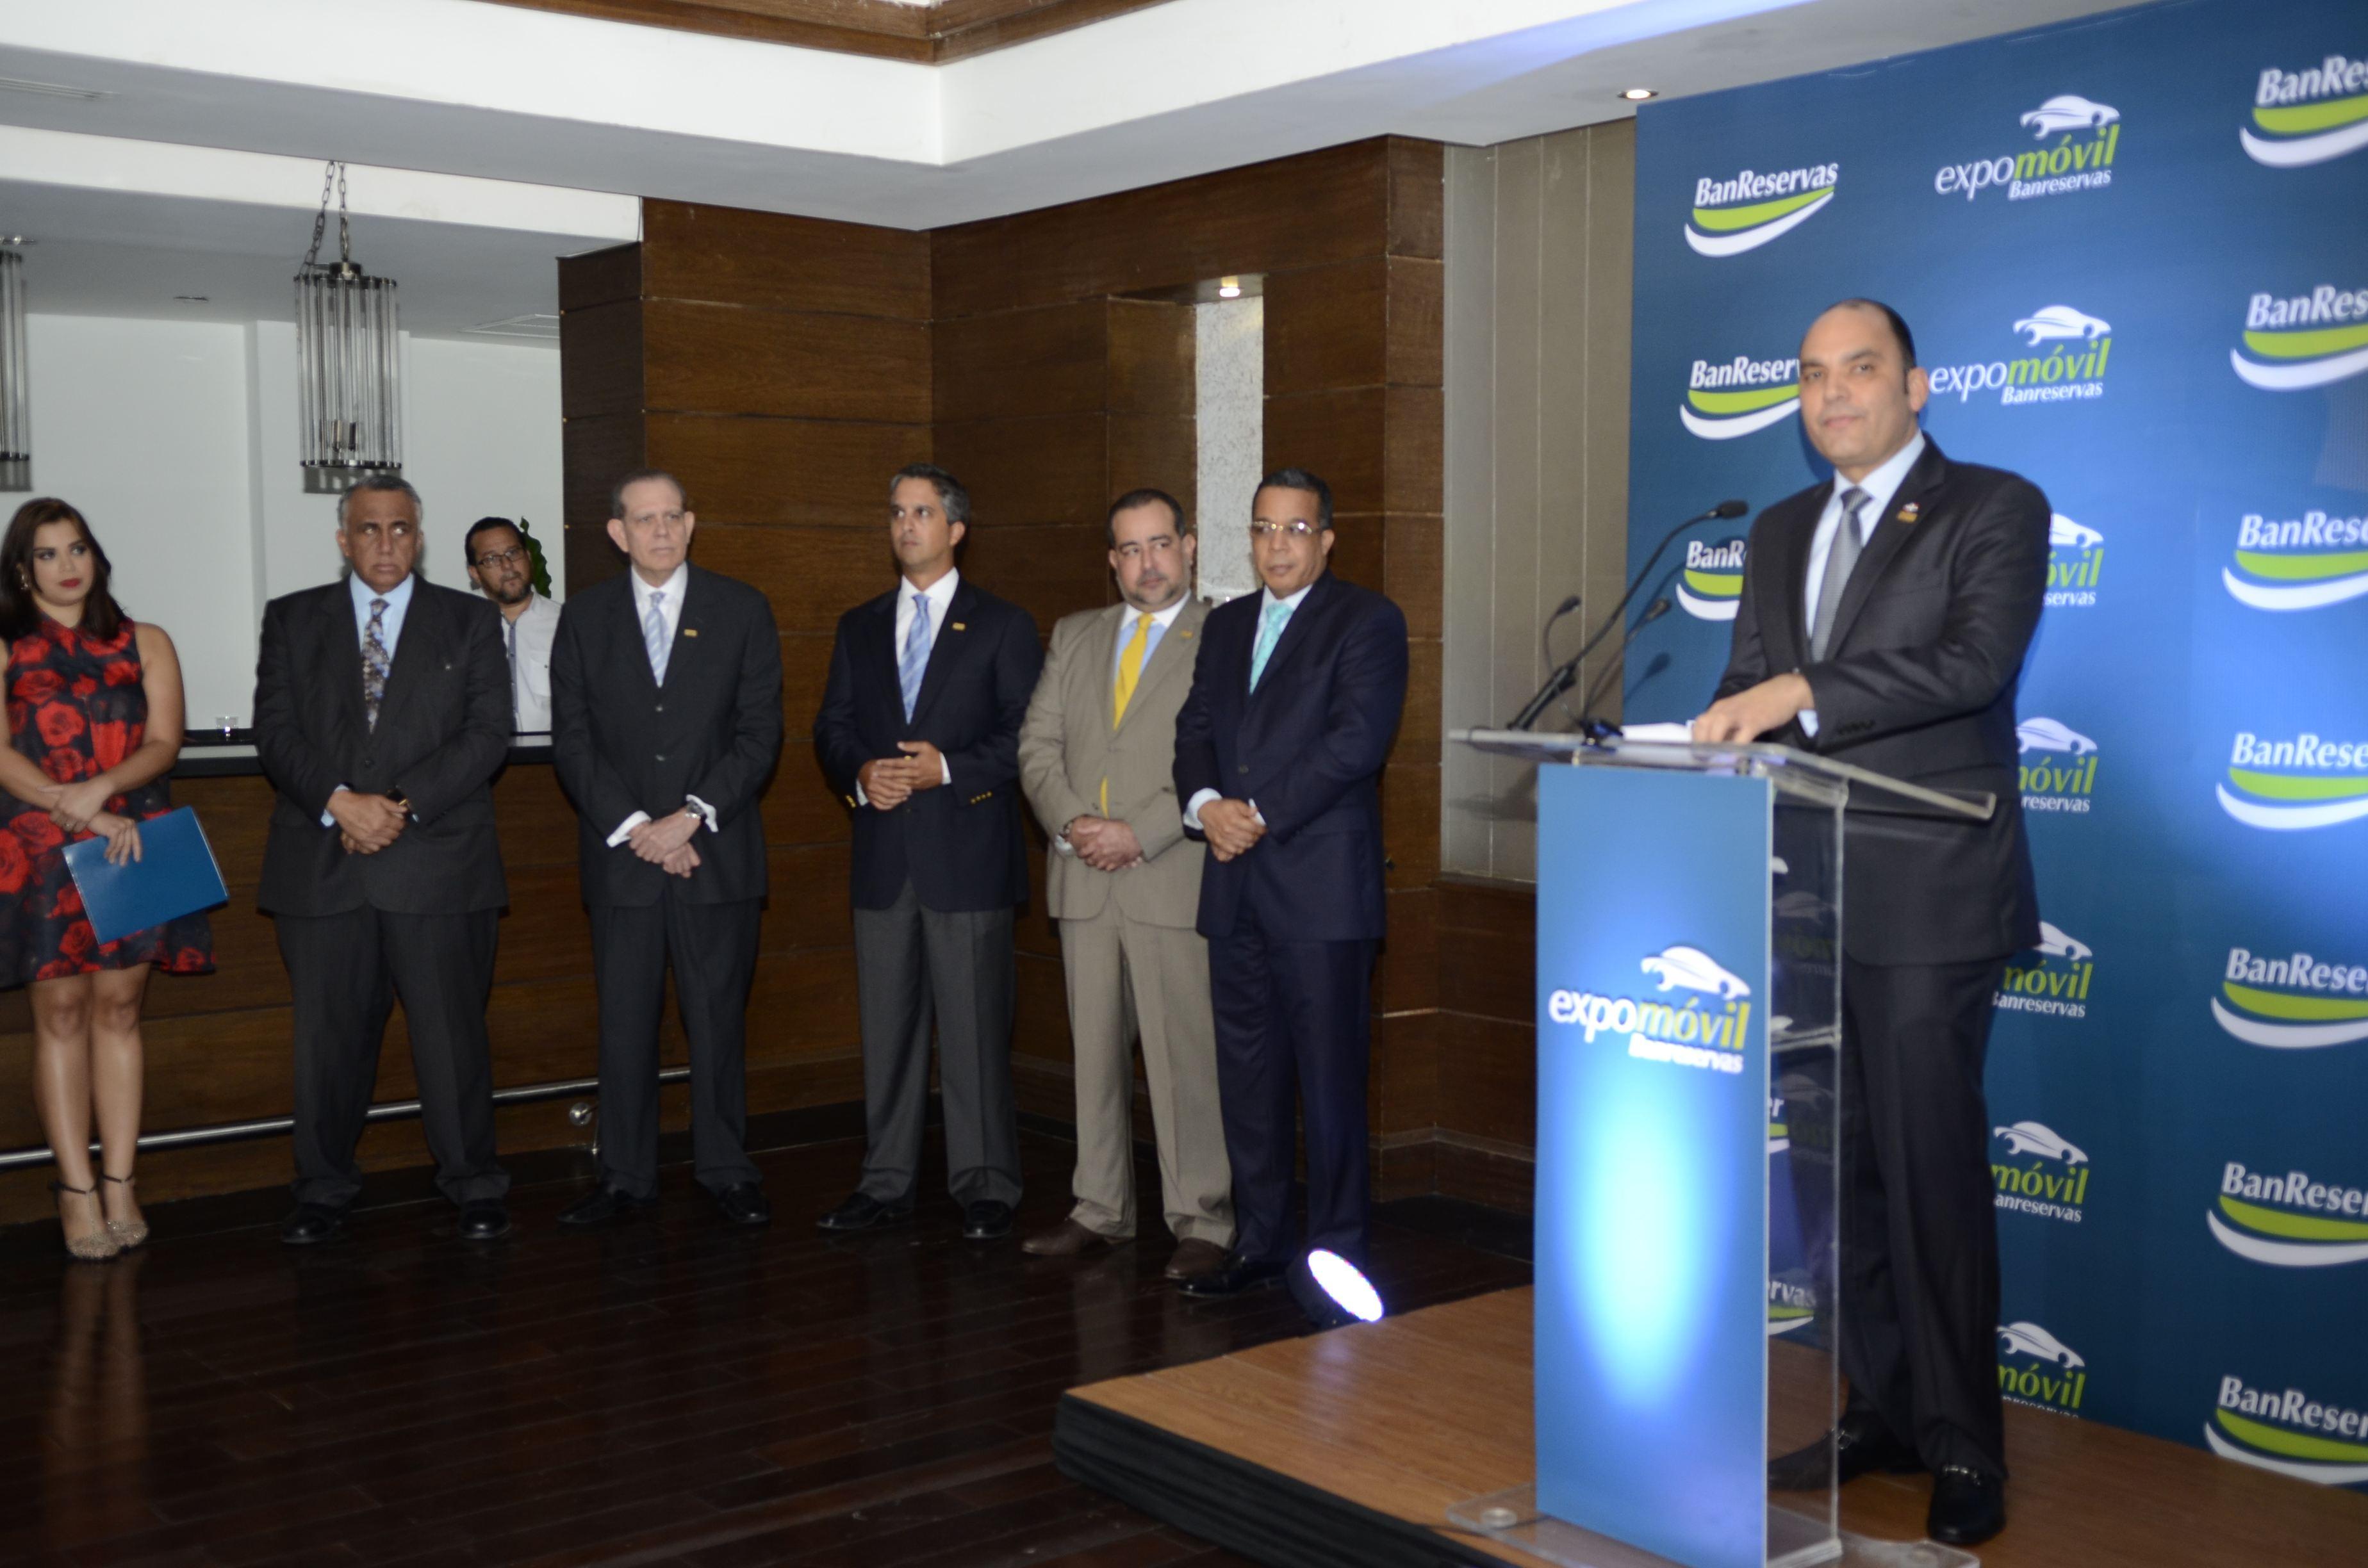 Banreservas inaugura Expomóvil, con tasas desde 7.74%